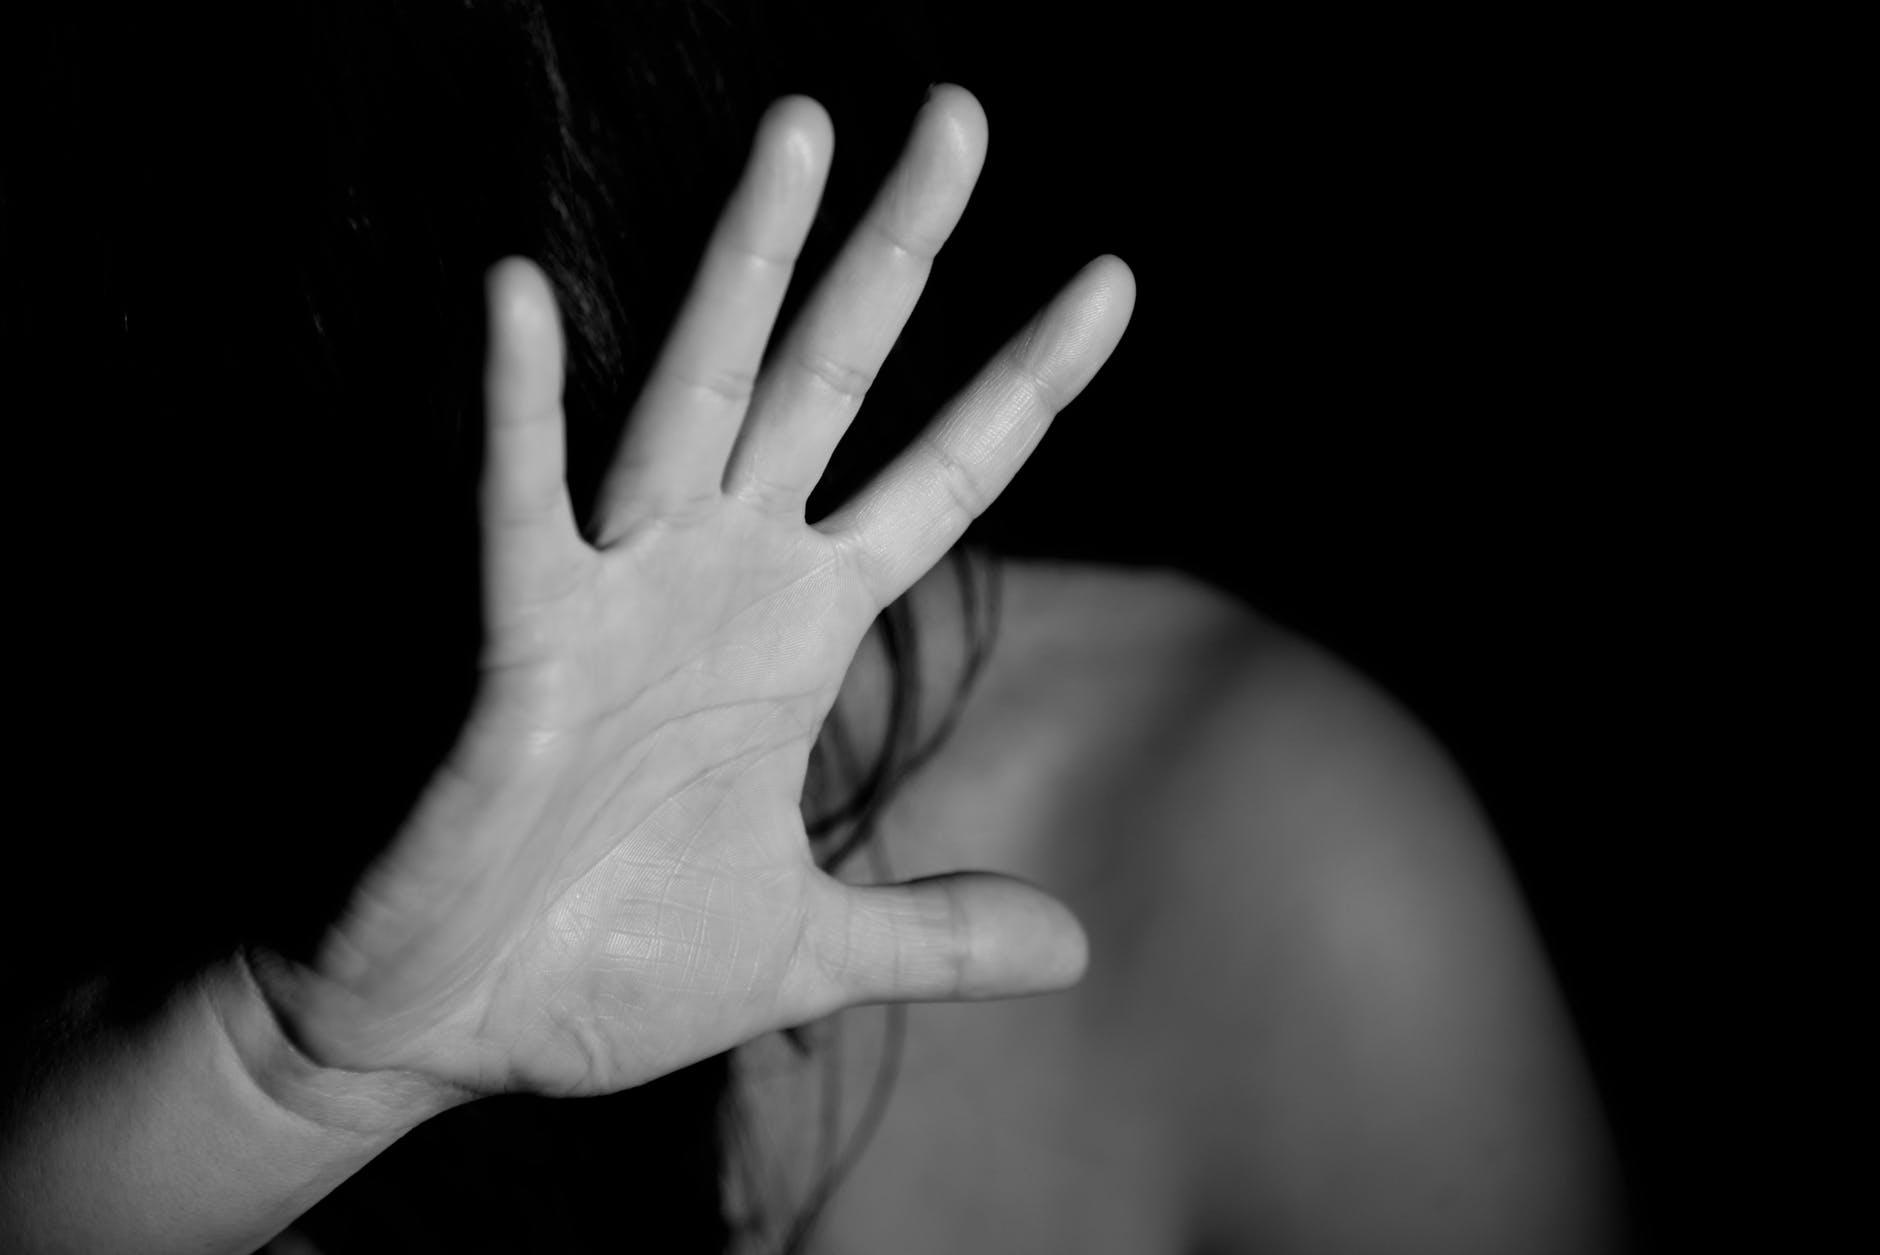 Žrtve nasilja među starijima uglavnom su žene koje trpe u vlastitoj obitelji